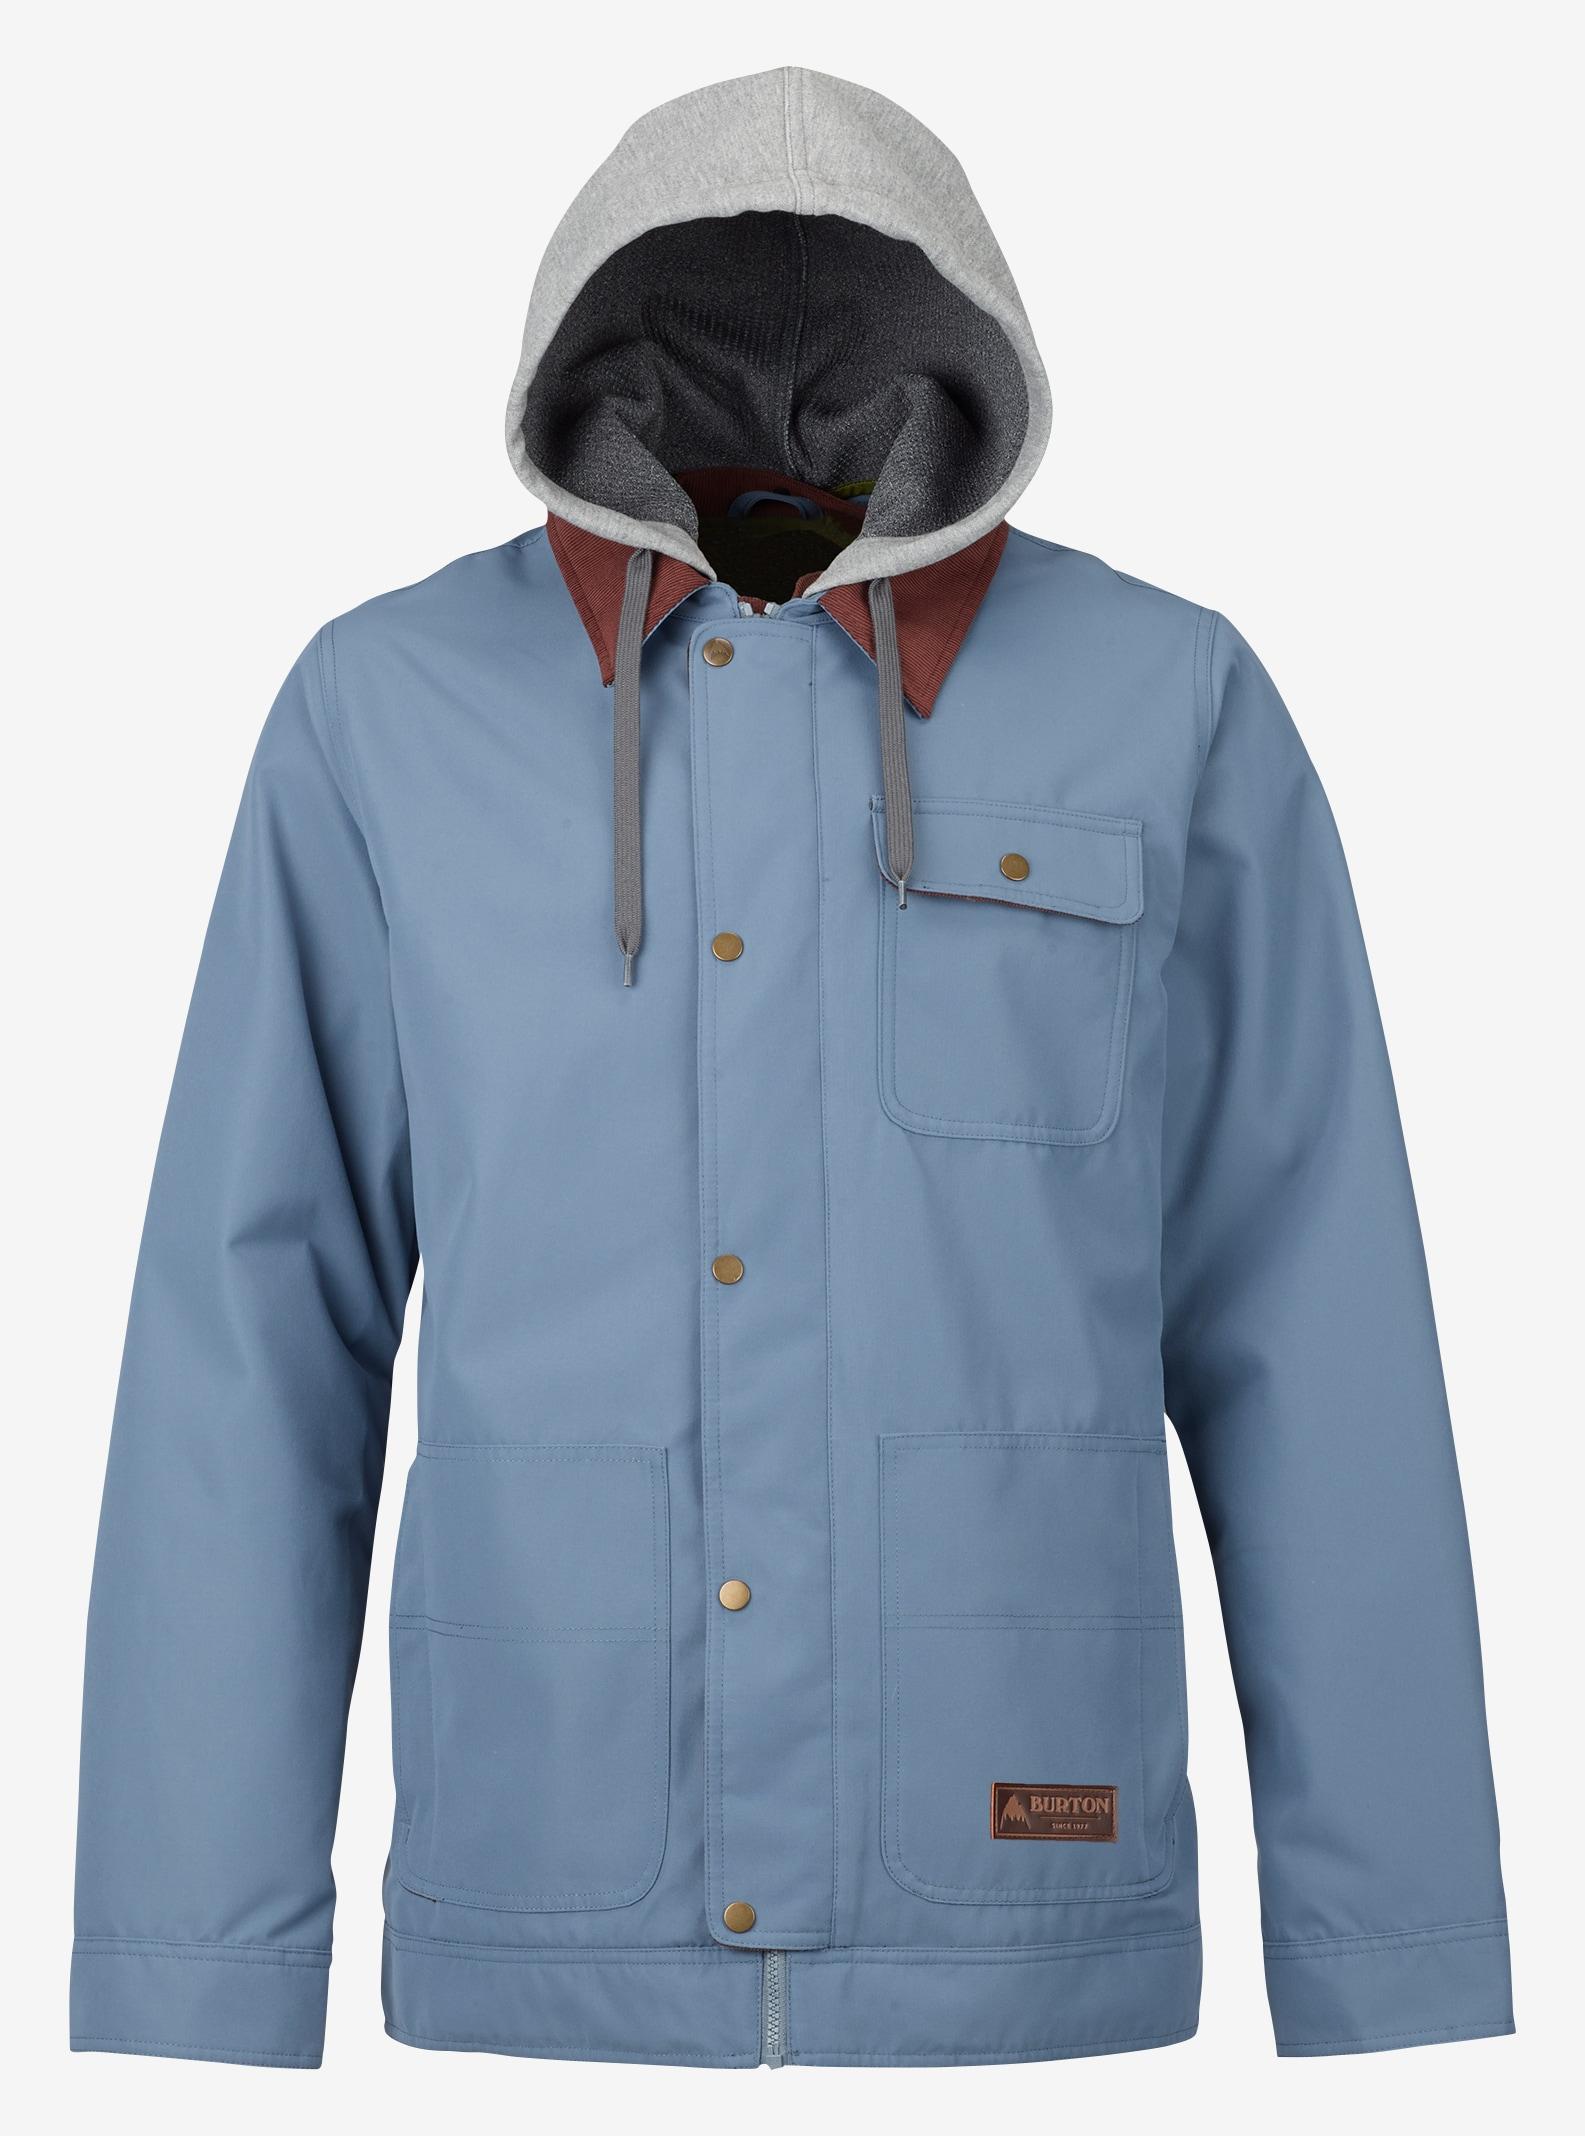 Men's Burton Dunmore Jacket shown in LA Sky